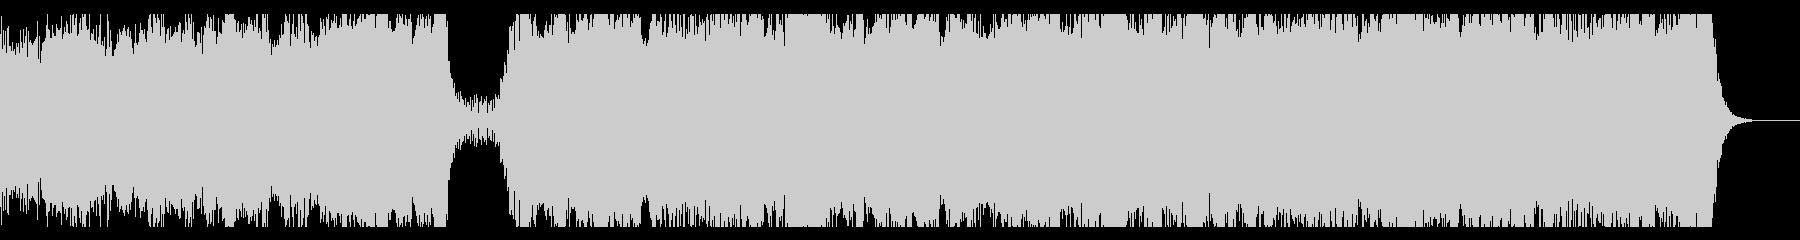 壮大・和風なオーケストラ bの未再生の波形